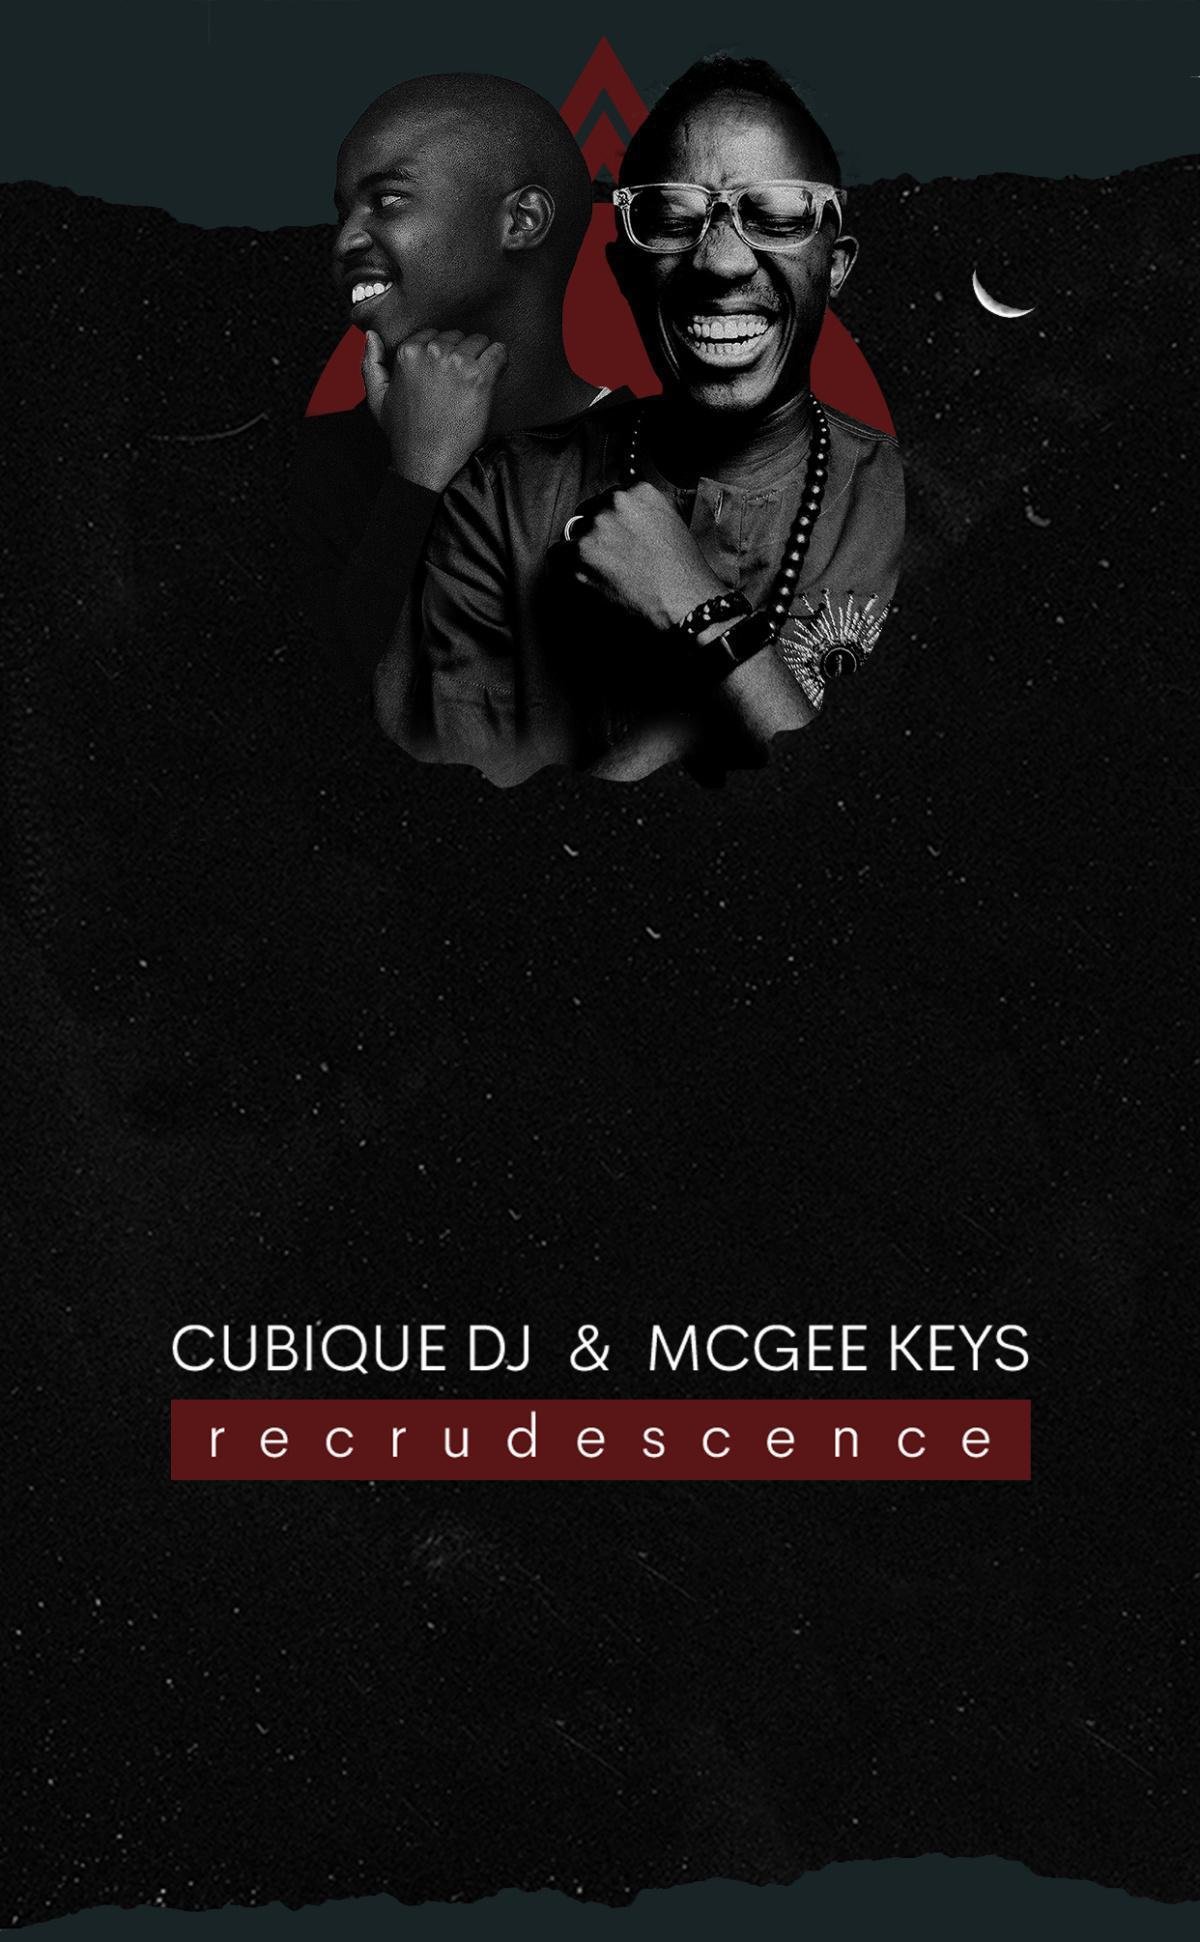 Cubique DJ drops an EP